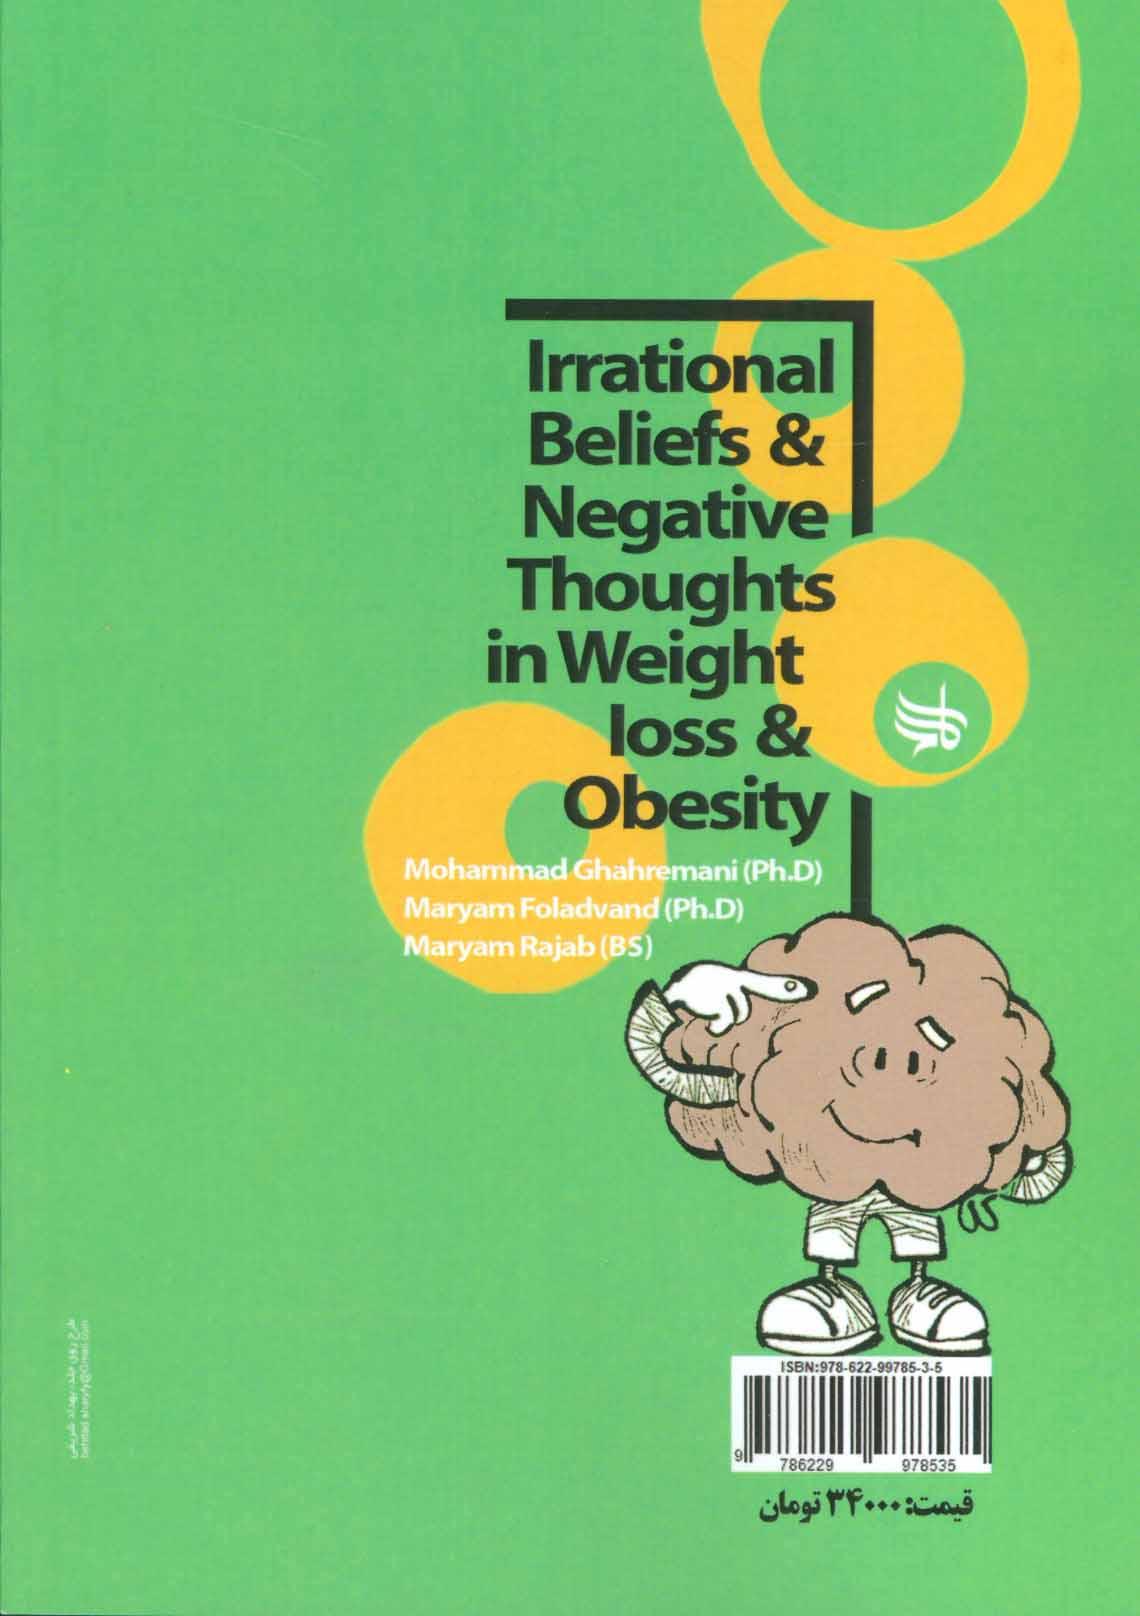 افکار و باورهای اشتباه در کاهش وزن و چاقی